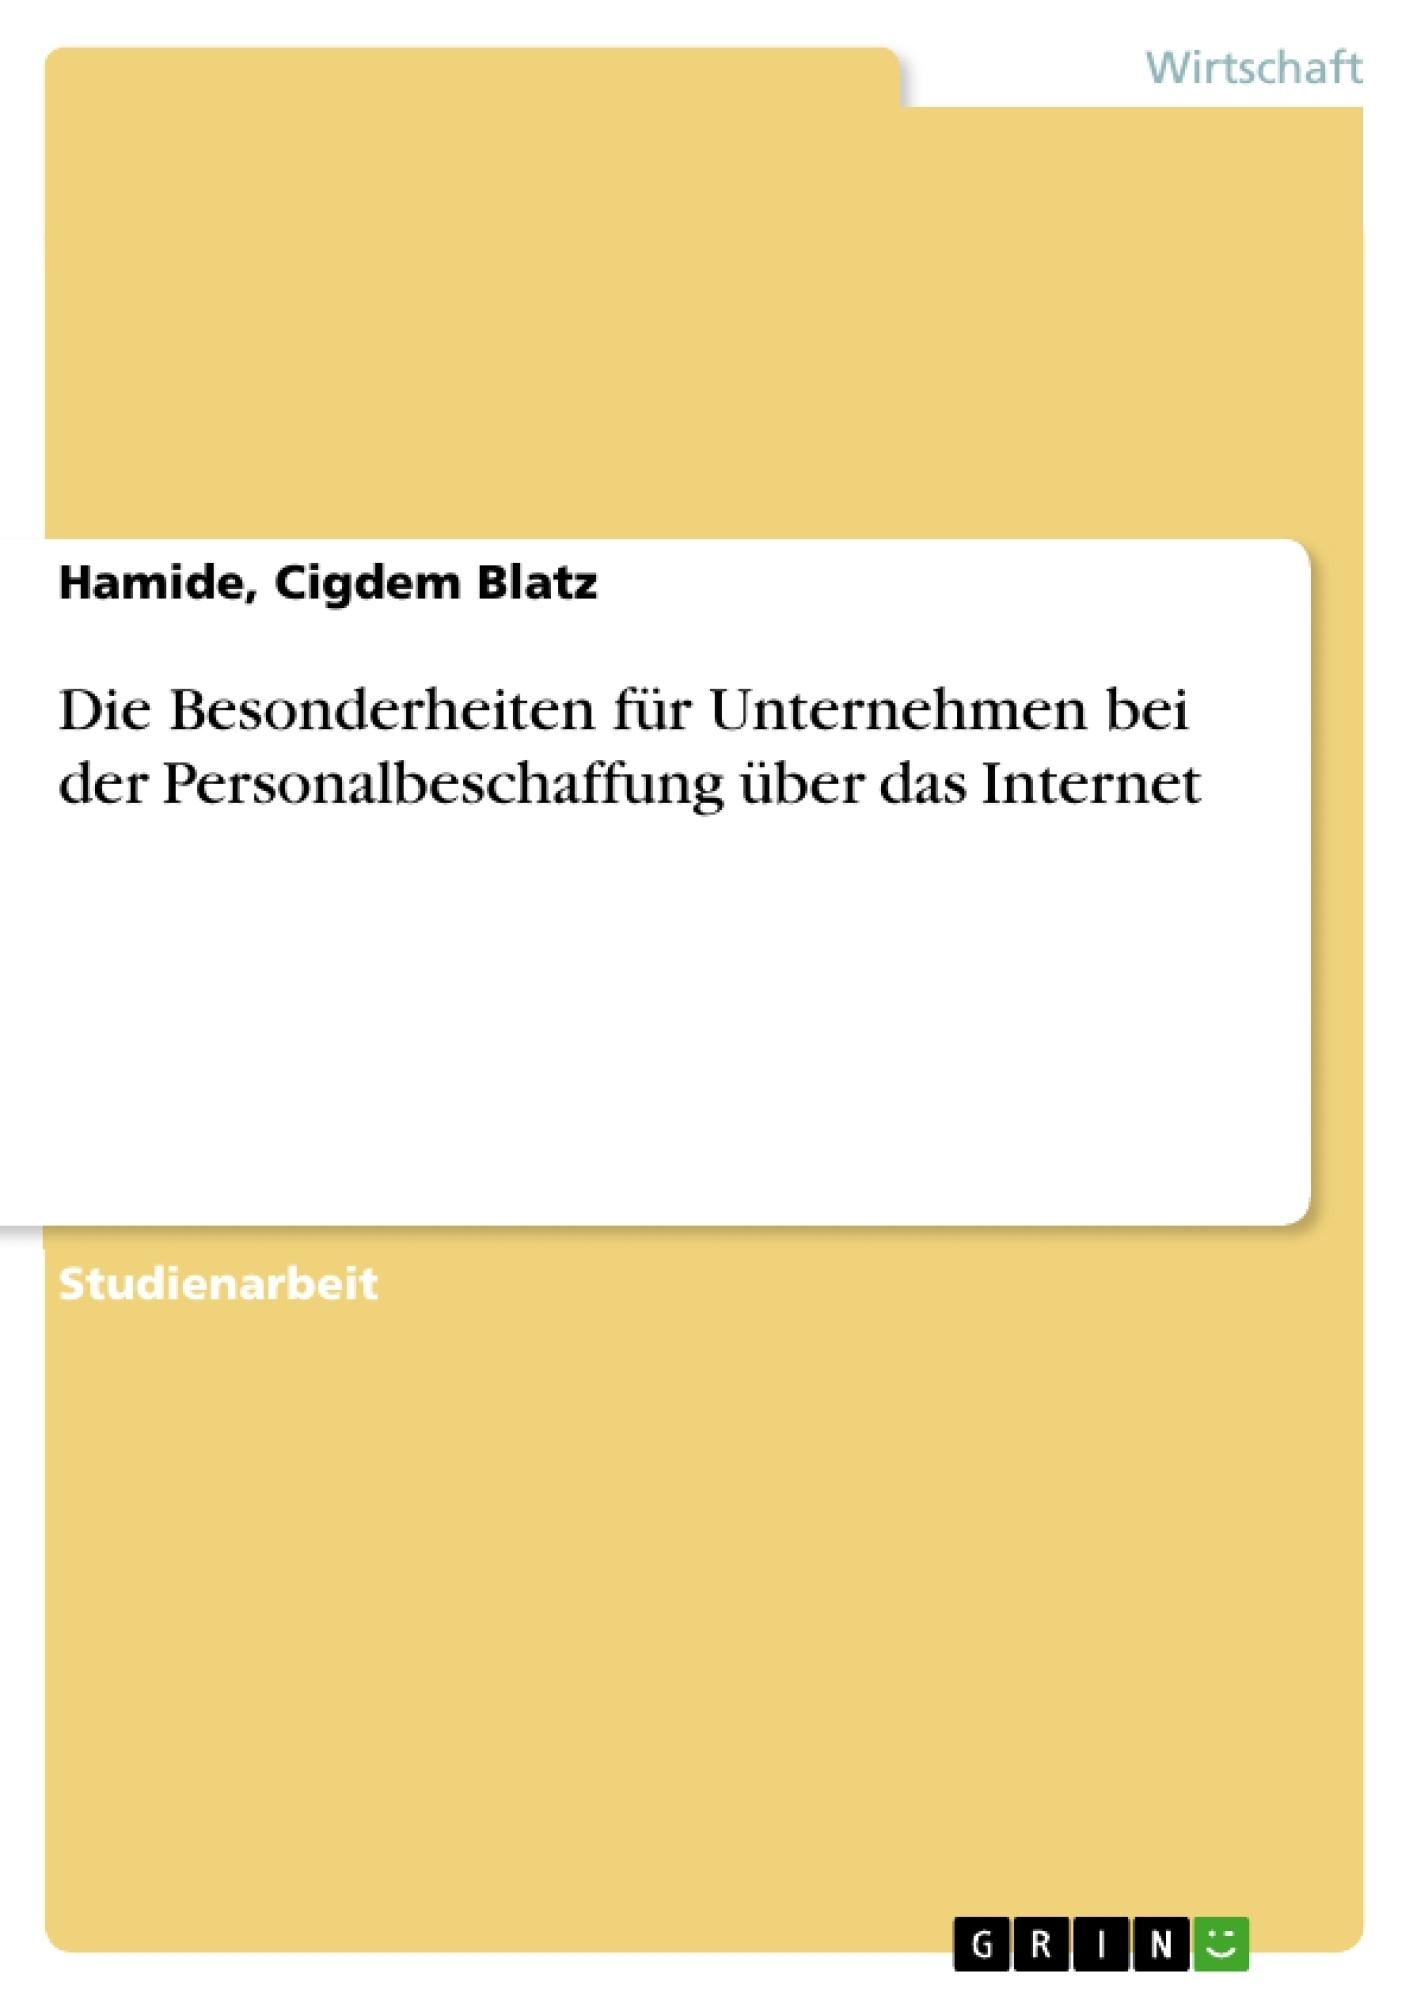 Titel: Die Besonderheiten für Unternehmen bei der Personalbeschaffung über das Internet